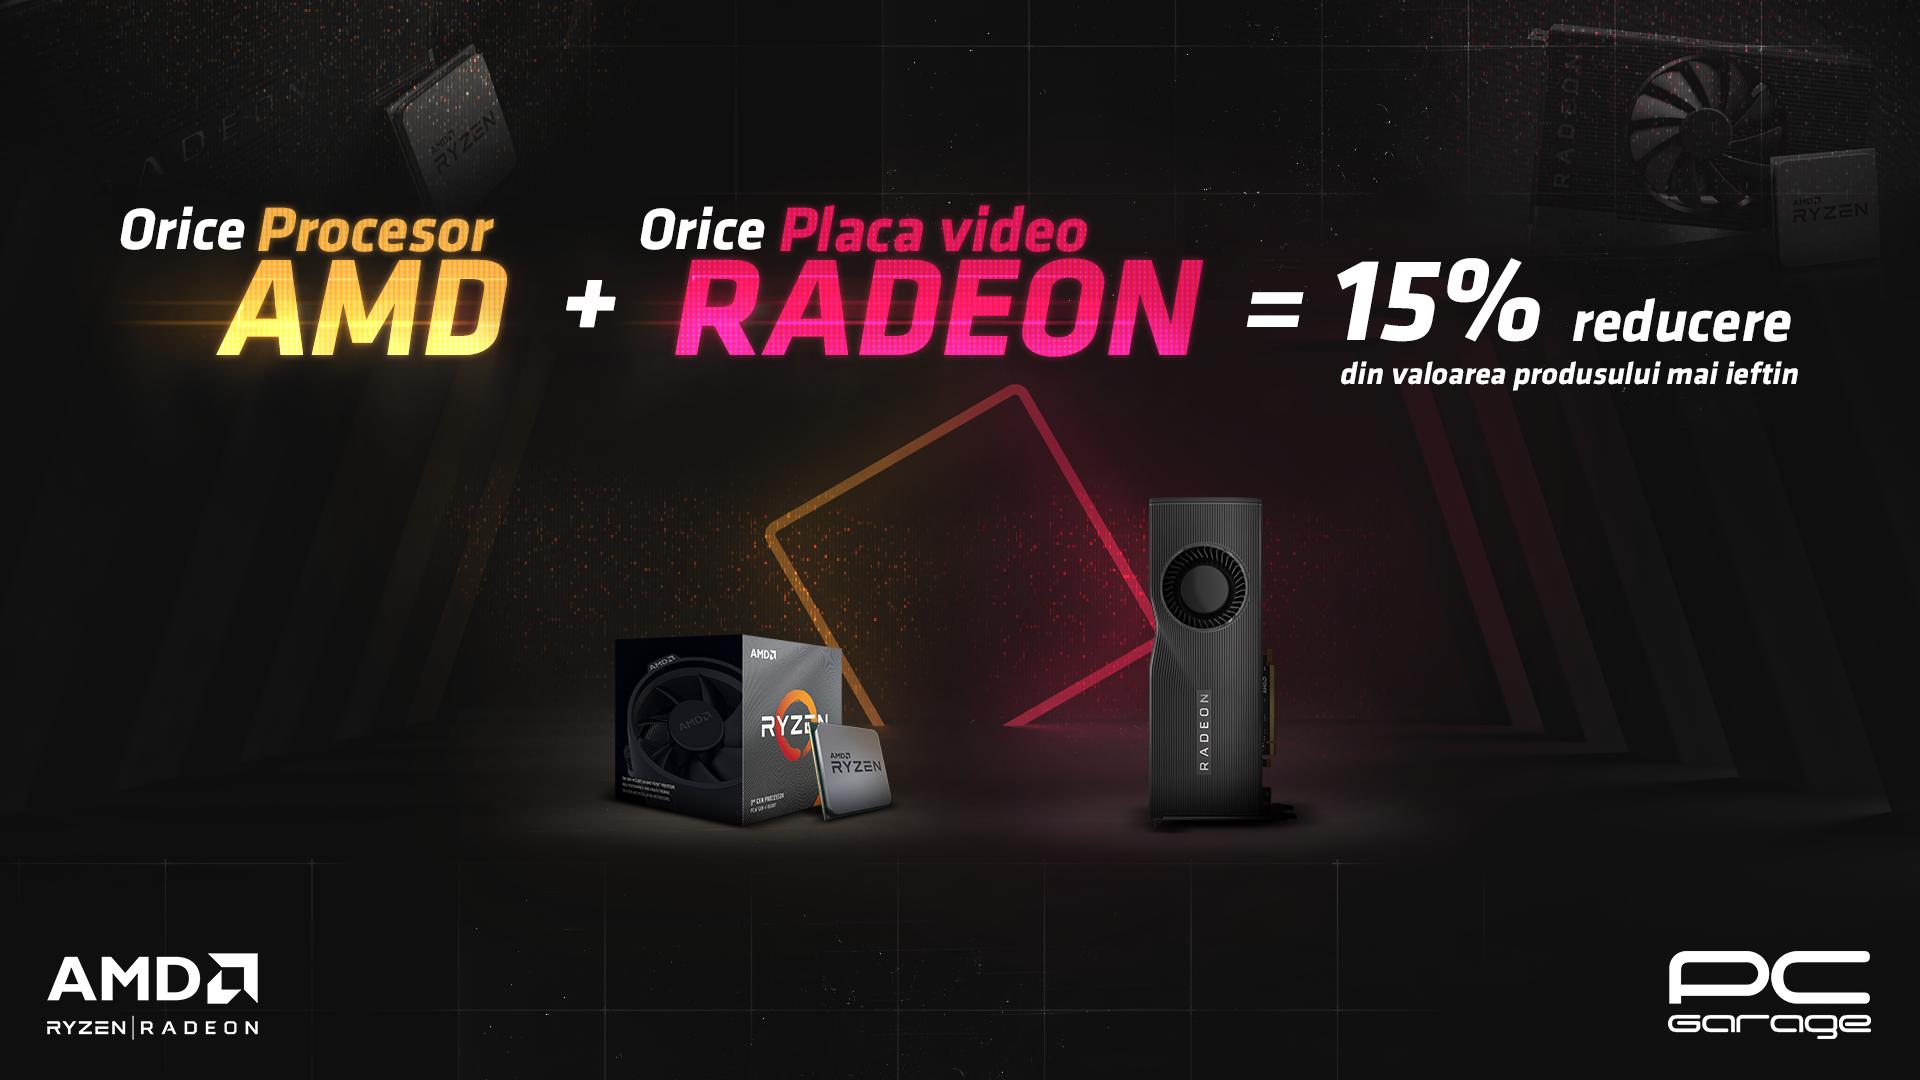 PC Garage AMD 15%